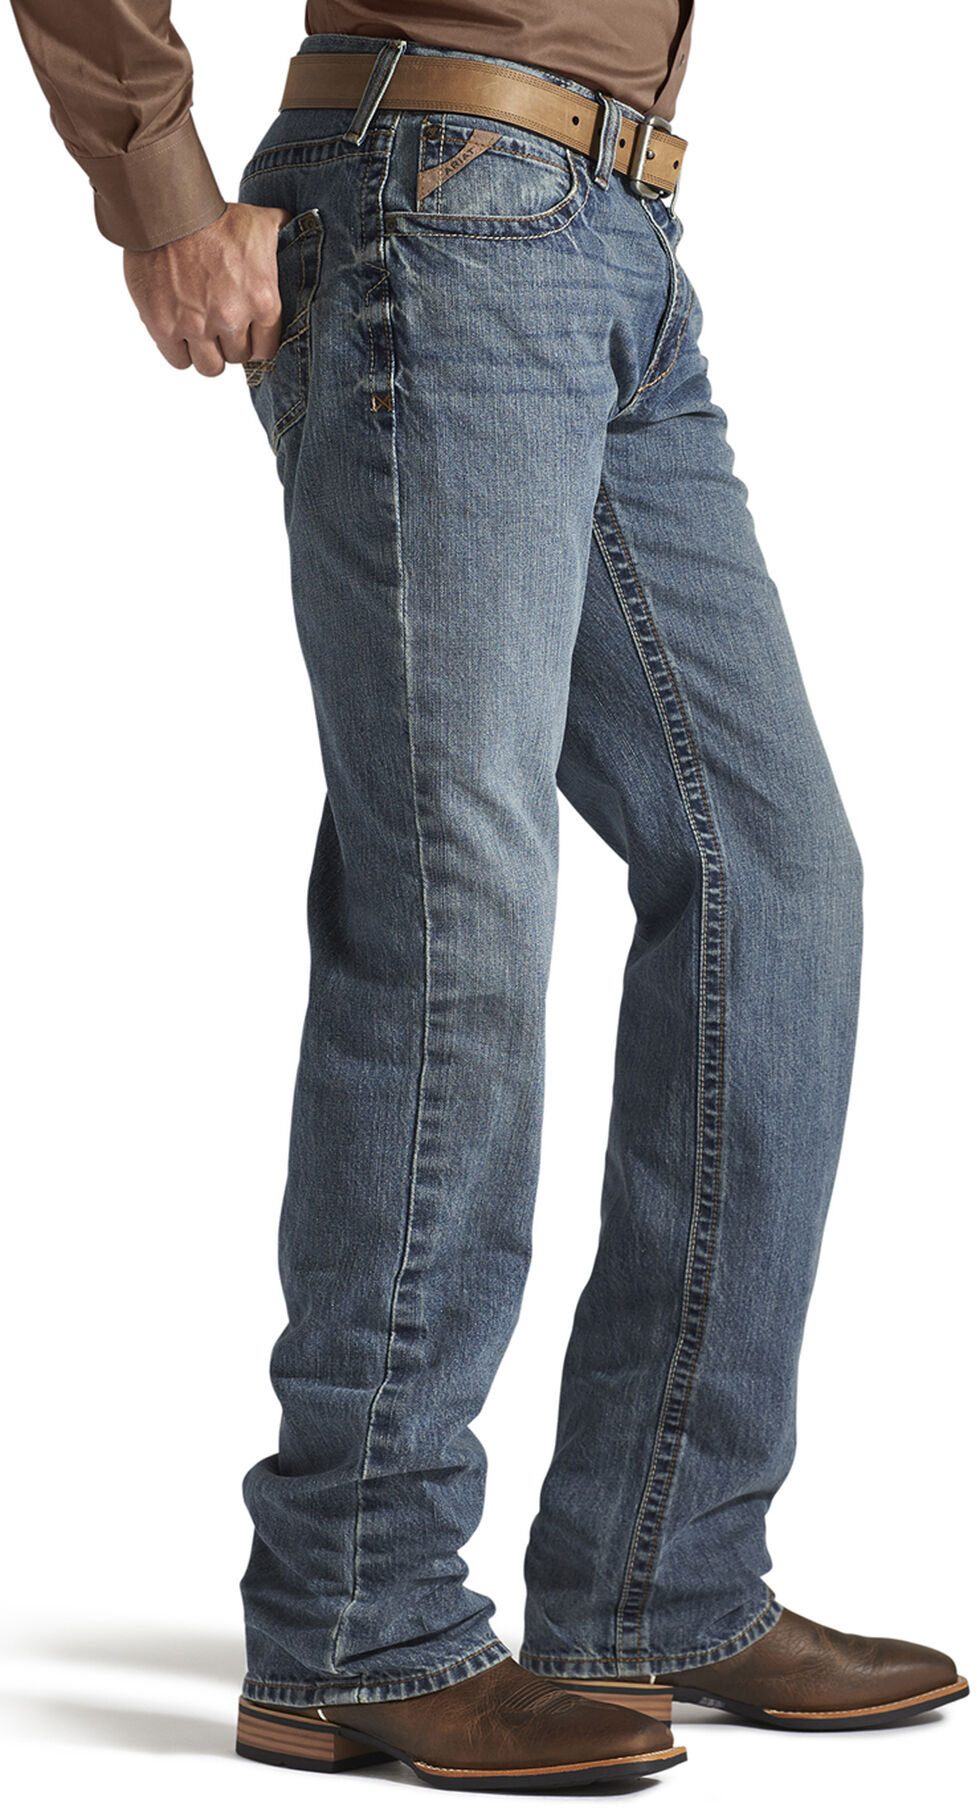 Ariat Denim Jeans - M3 Smokestack Loose Fit, Denim, hi-res